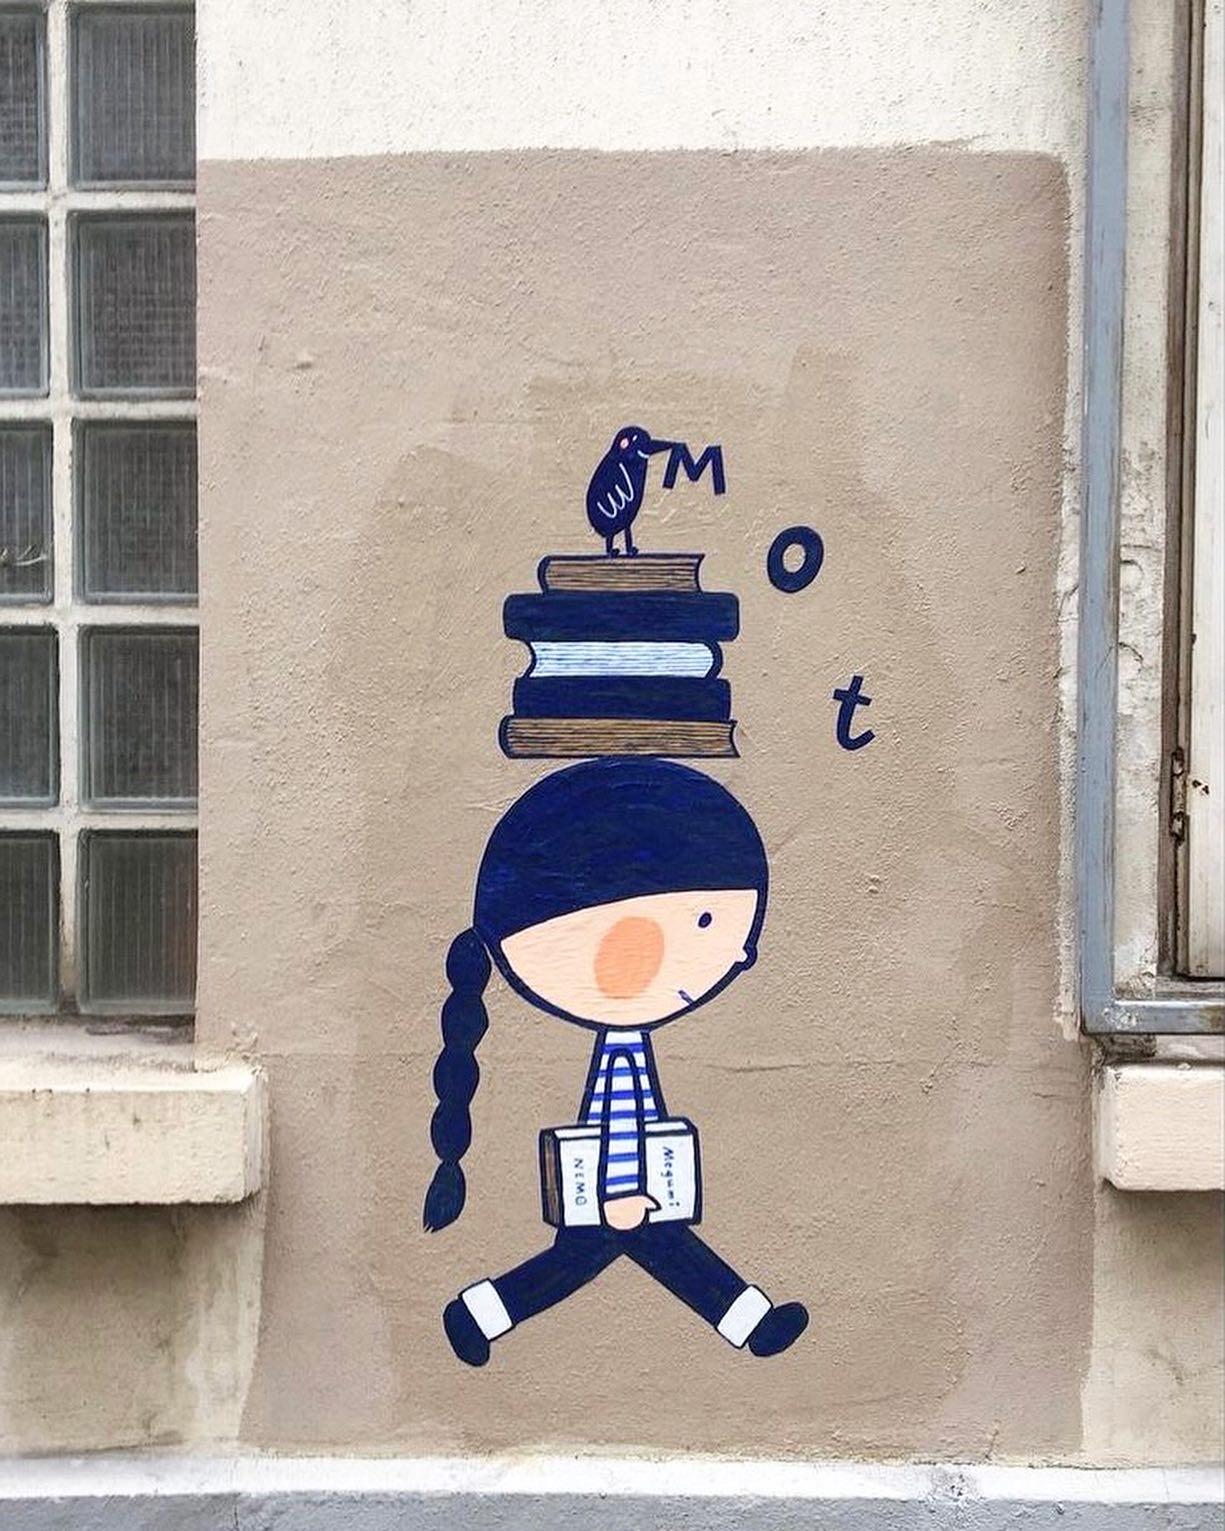 L'univers doux et enfantin de Megumi Nemo, street artiste japonaise